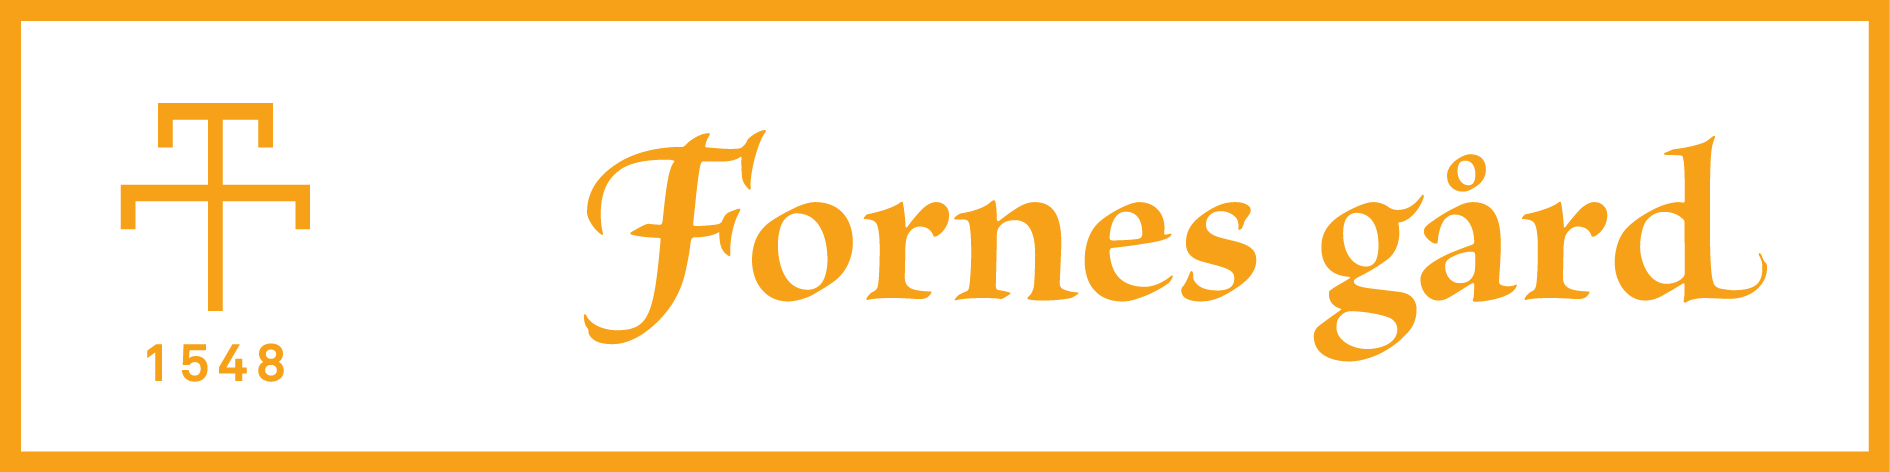 Fornes gård logo avlang rammer-06.png